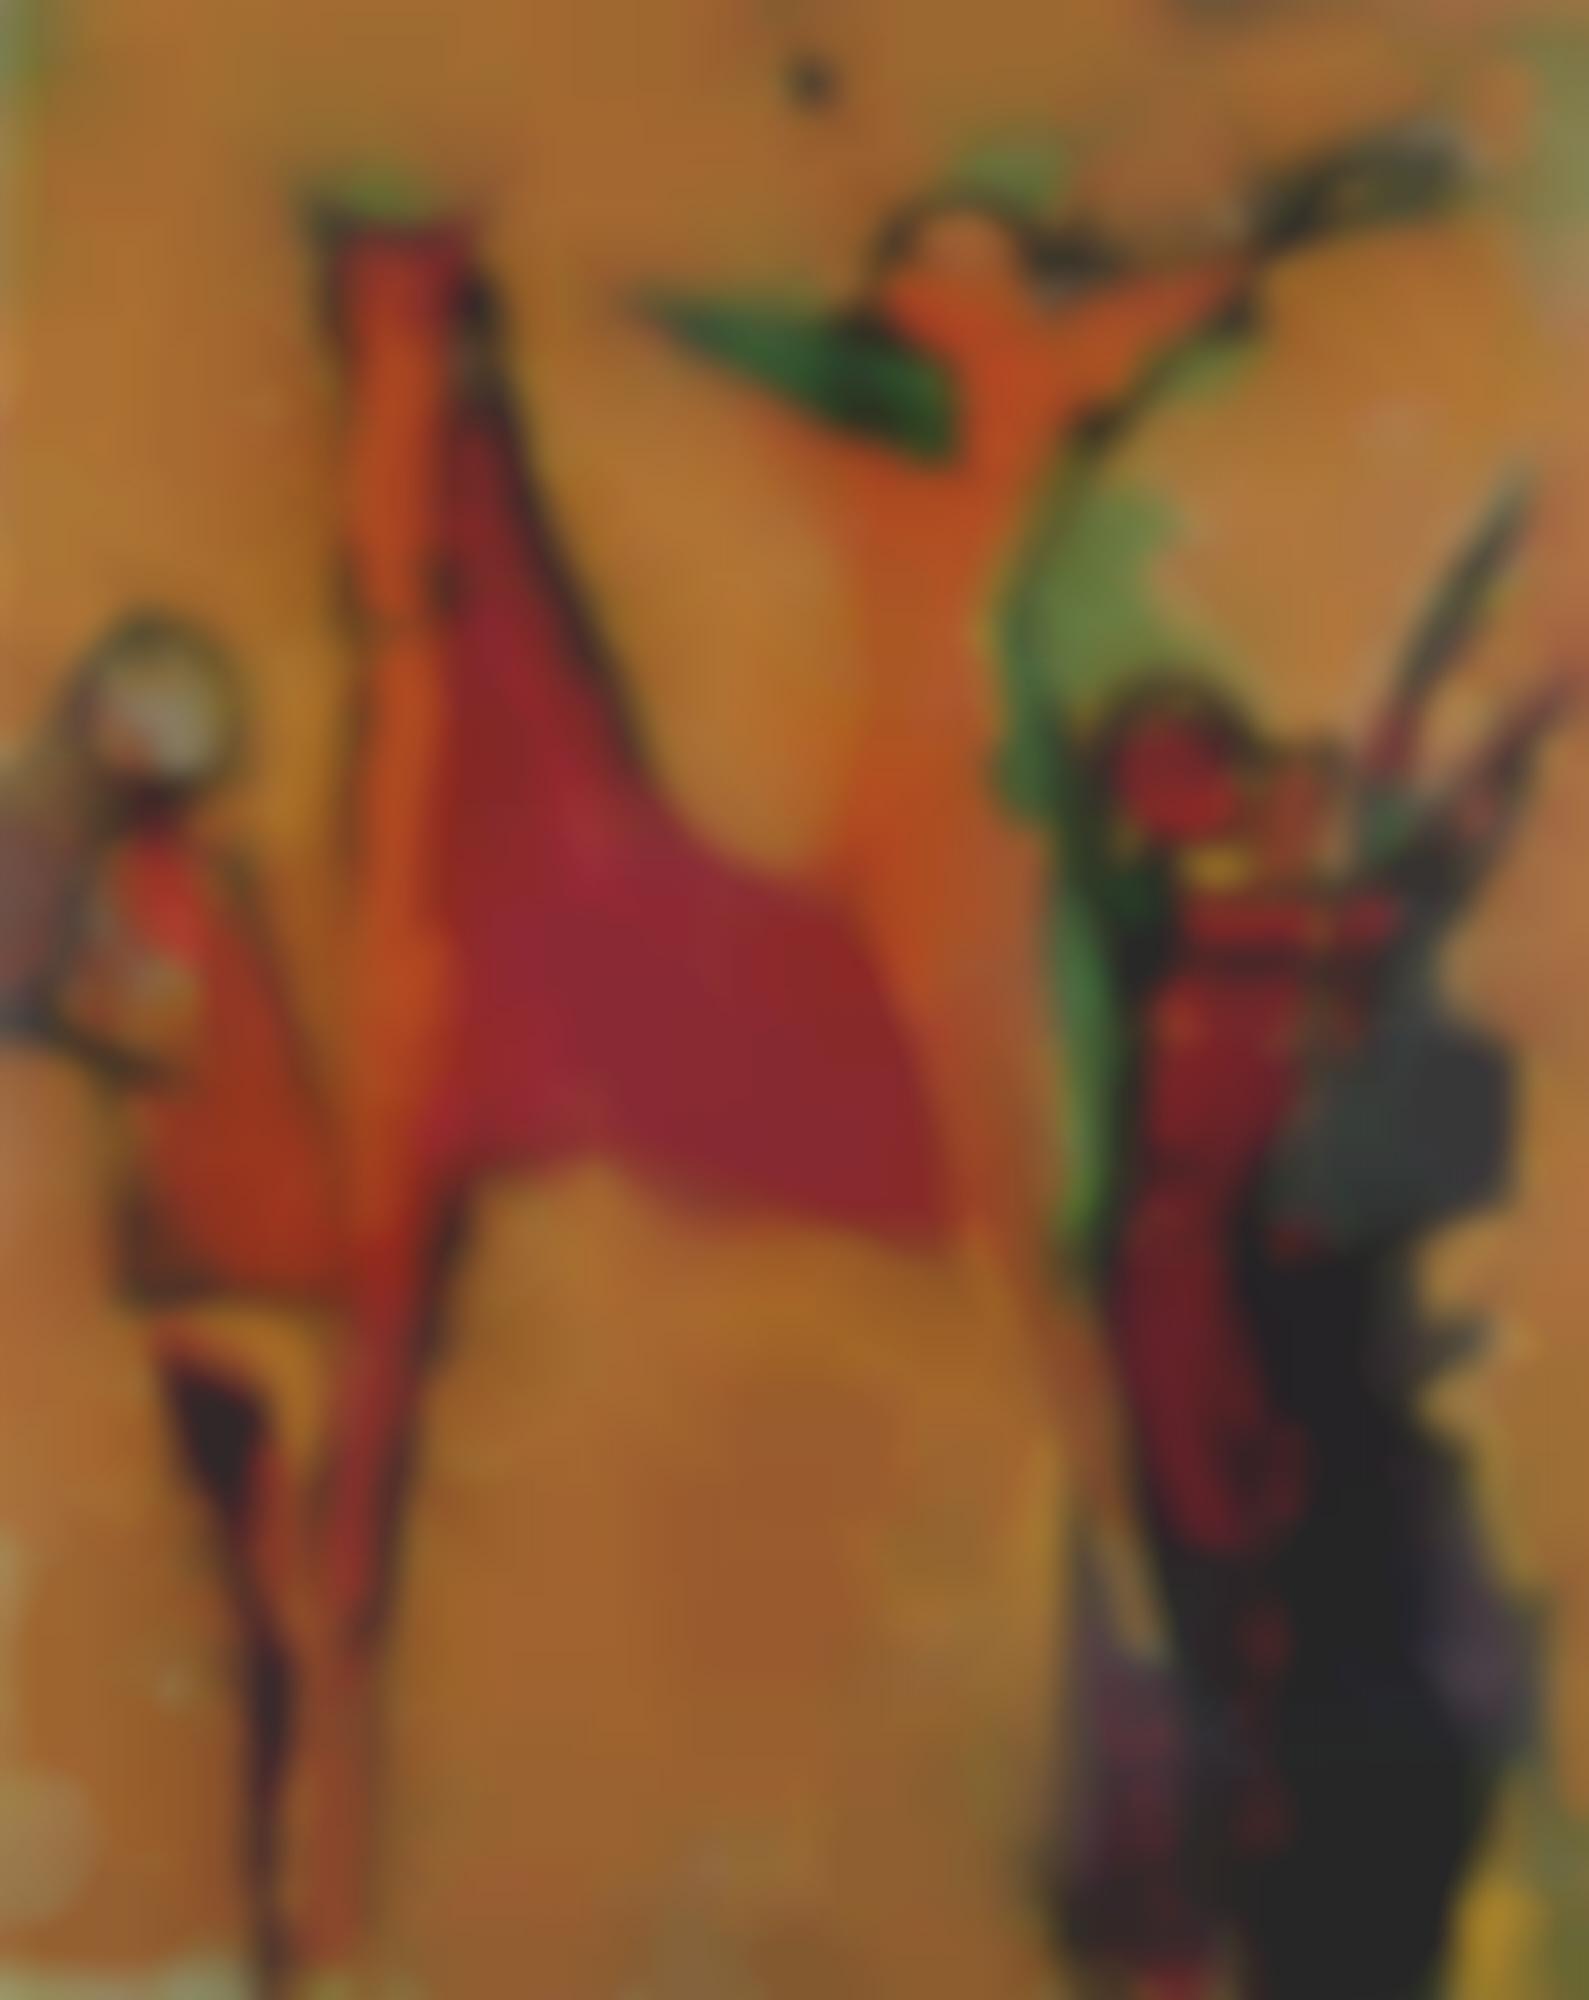 Marino Marini-Composizione Di Giocolieri (Composition With Jugglers)-1956